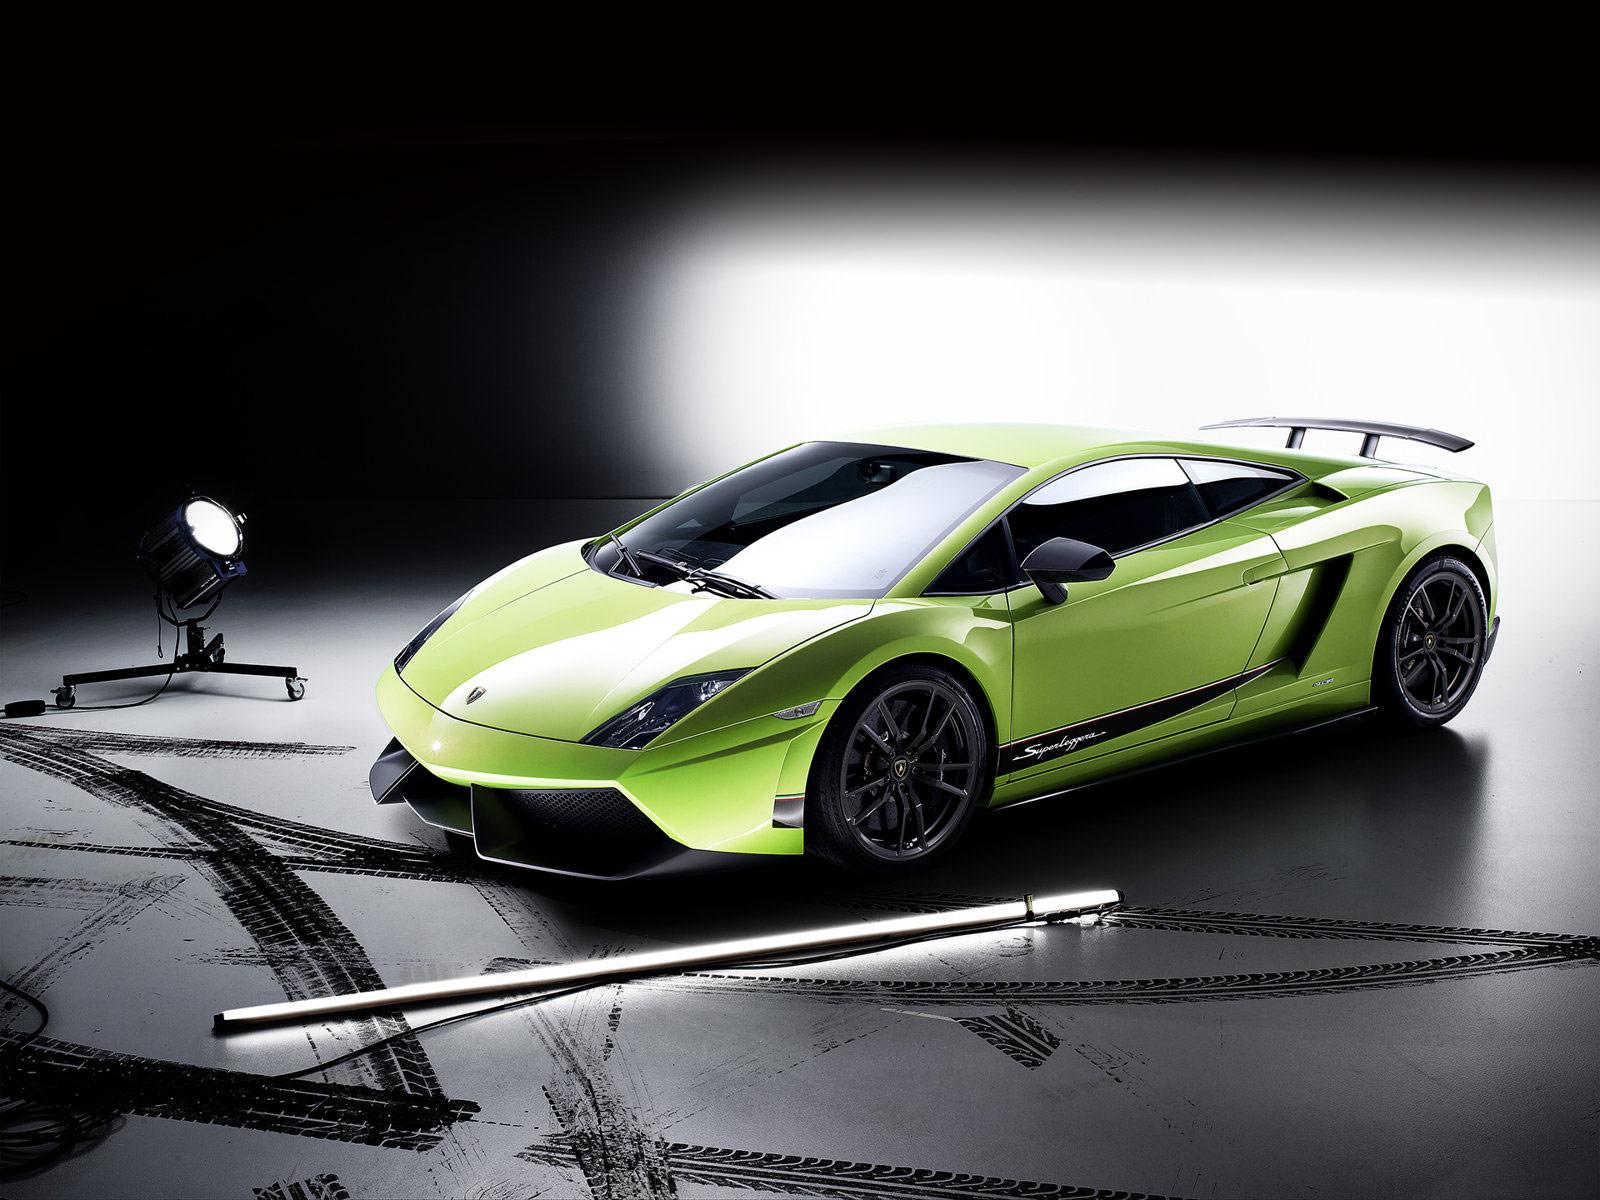 2011 Lamborghini Gallardo LP570-4 Superleggera 2011-Gallardo-LP-570-4-Superleggera-Top%2BCar